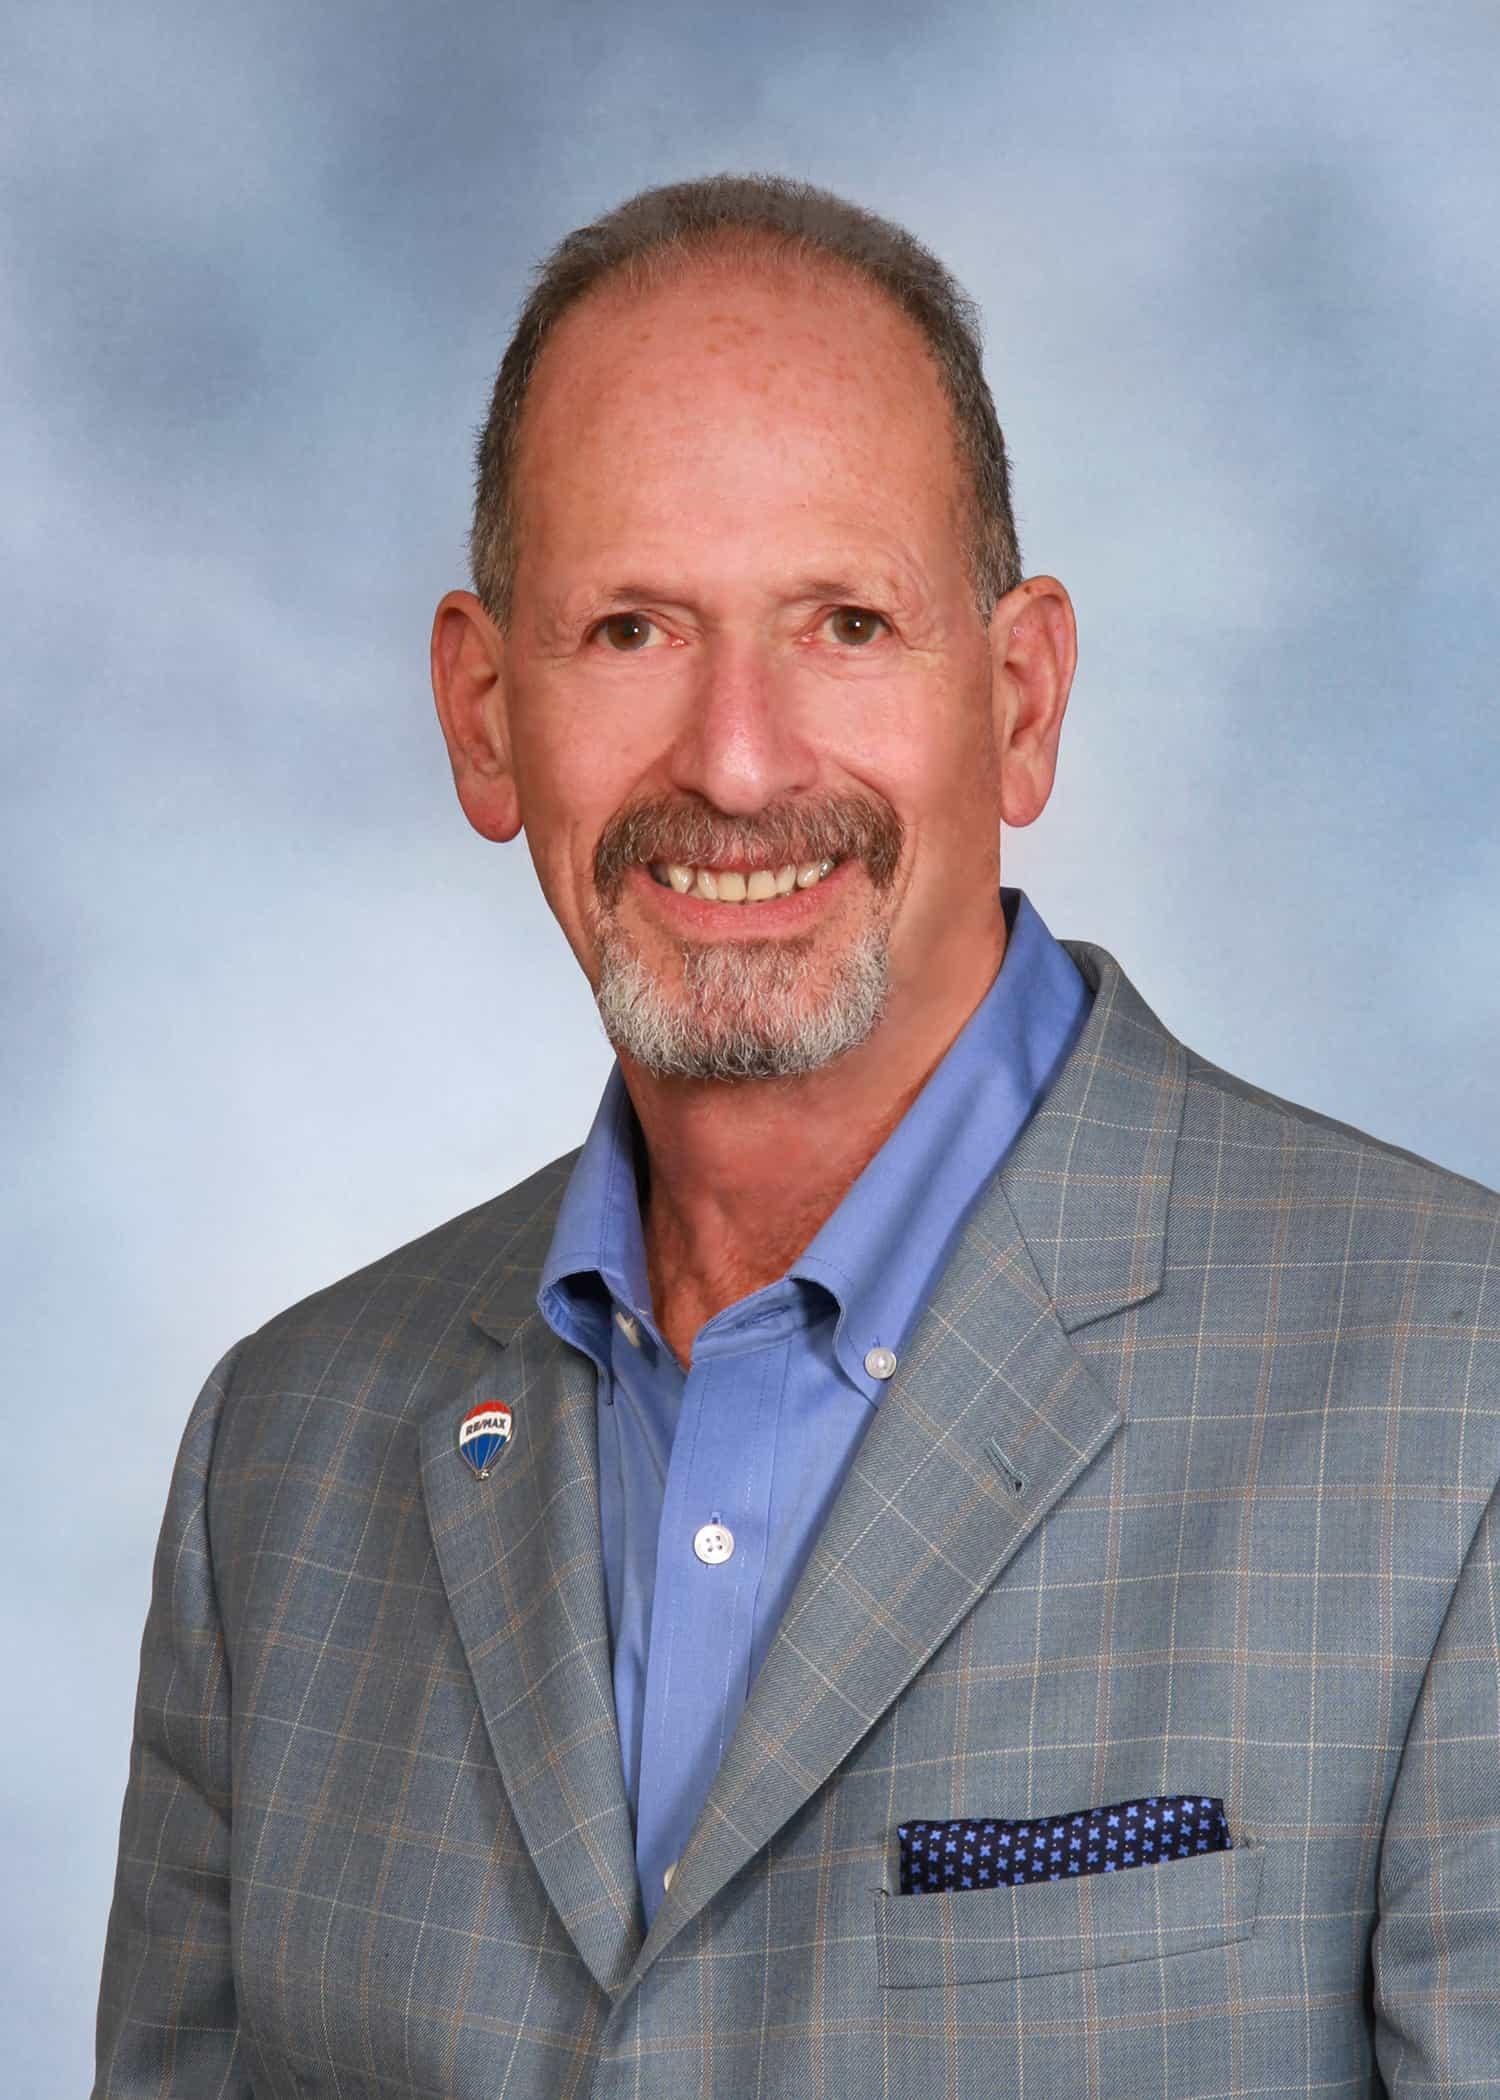 Gary Blattberg